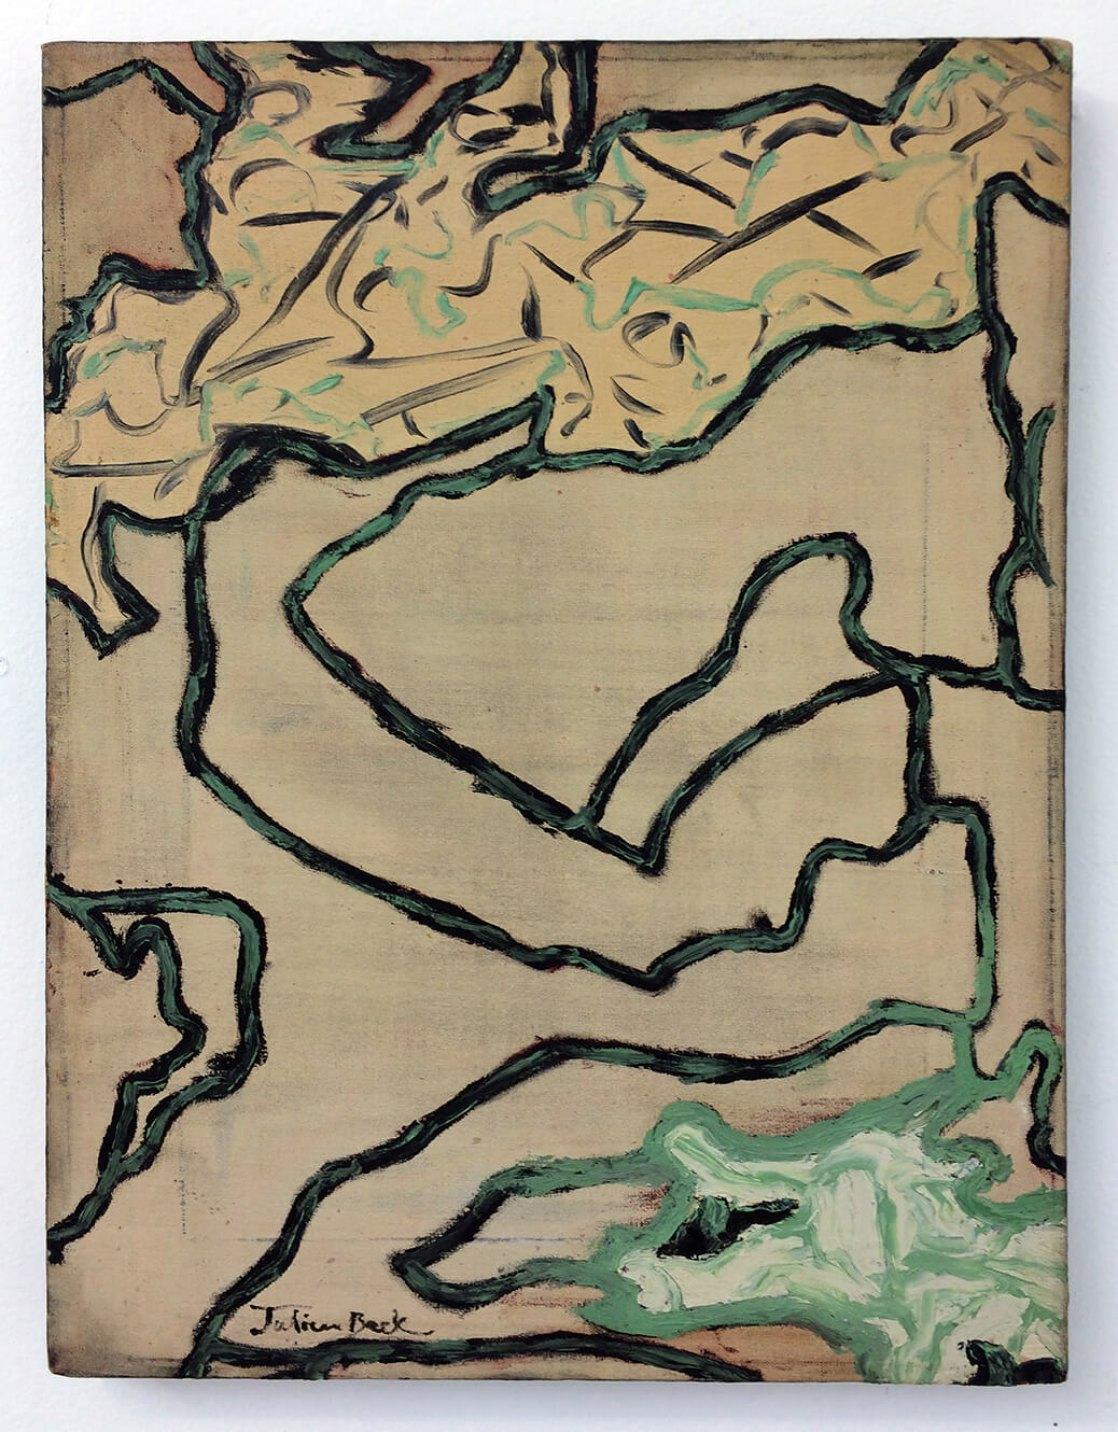 Julian Beck,<em>untitled</em>, 1945, oil on canvas, 41 × 30 cm - Mendes Wood DM